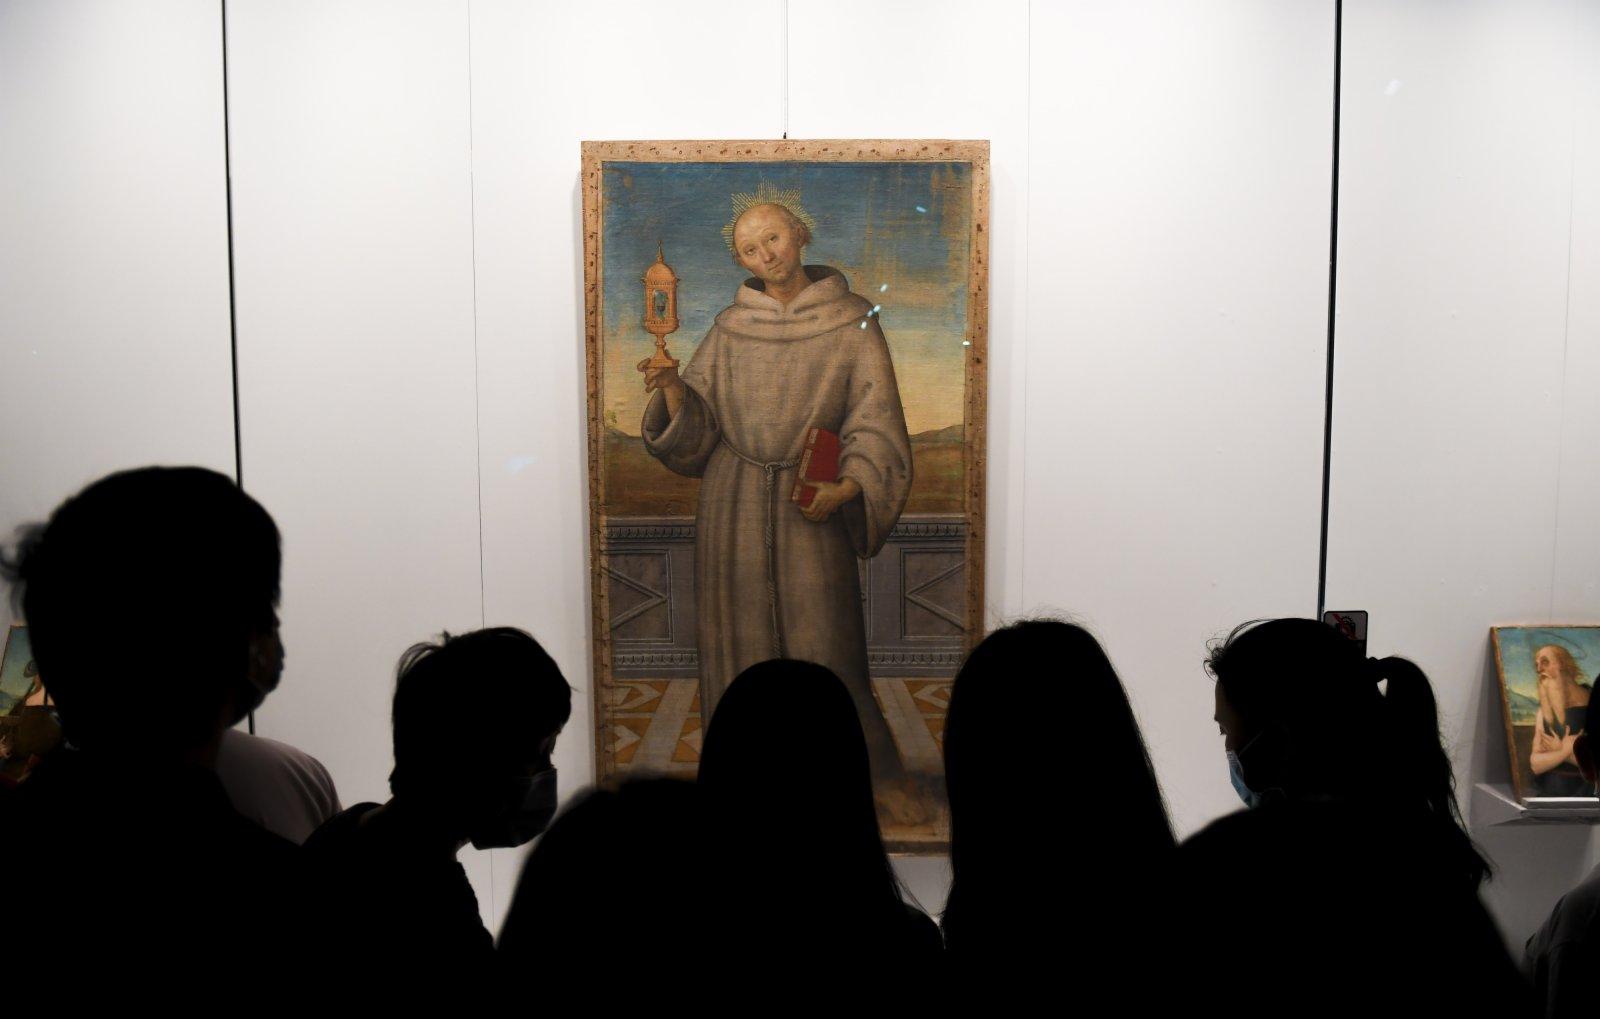 5月3日,觀眾在欣賞彼得羅·萬努奇(又稱佩魯吉諾)的作品《真福的賈科莫·德拉·馬卡》。(新華社)